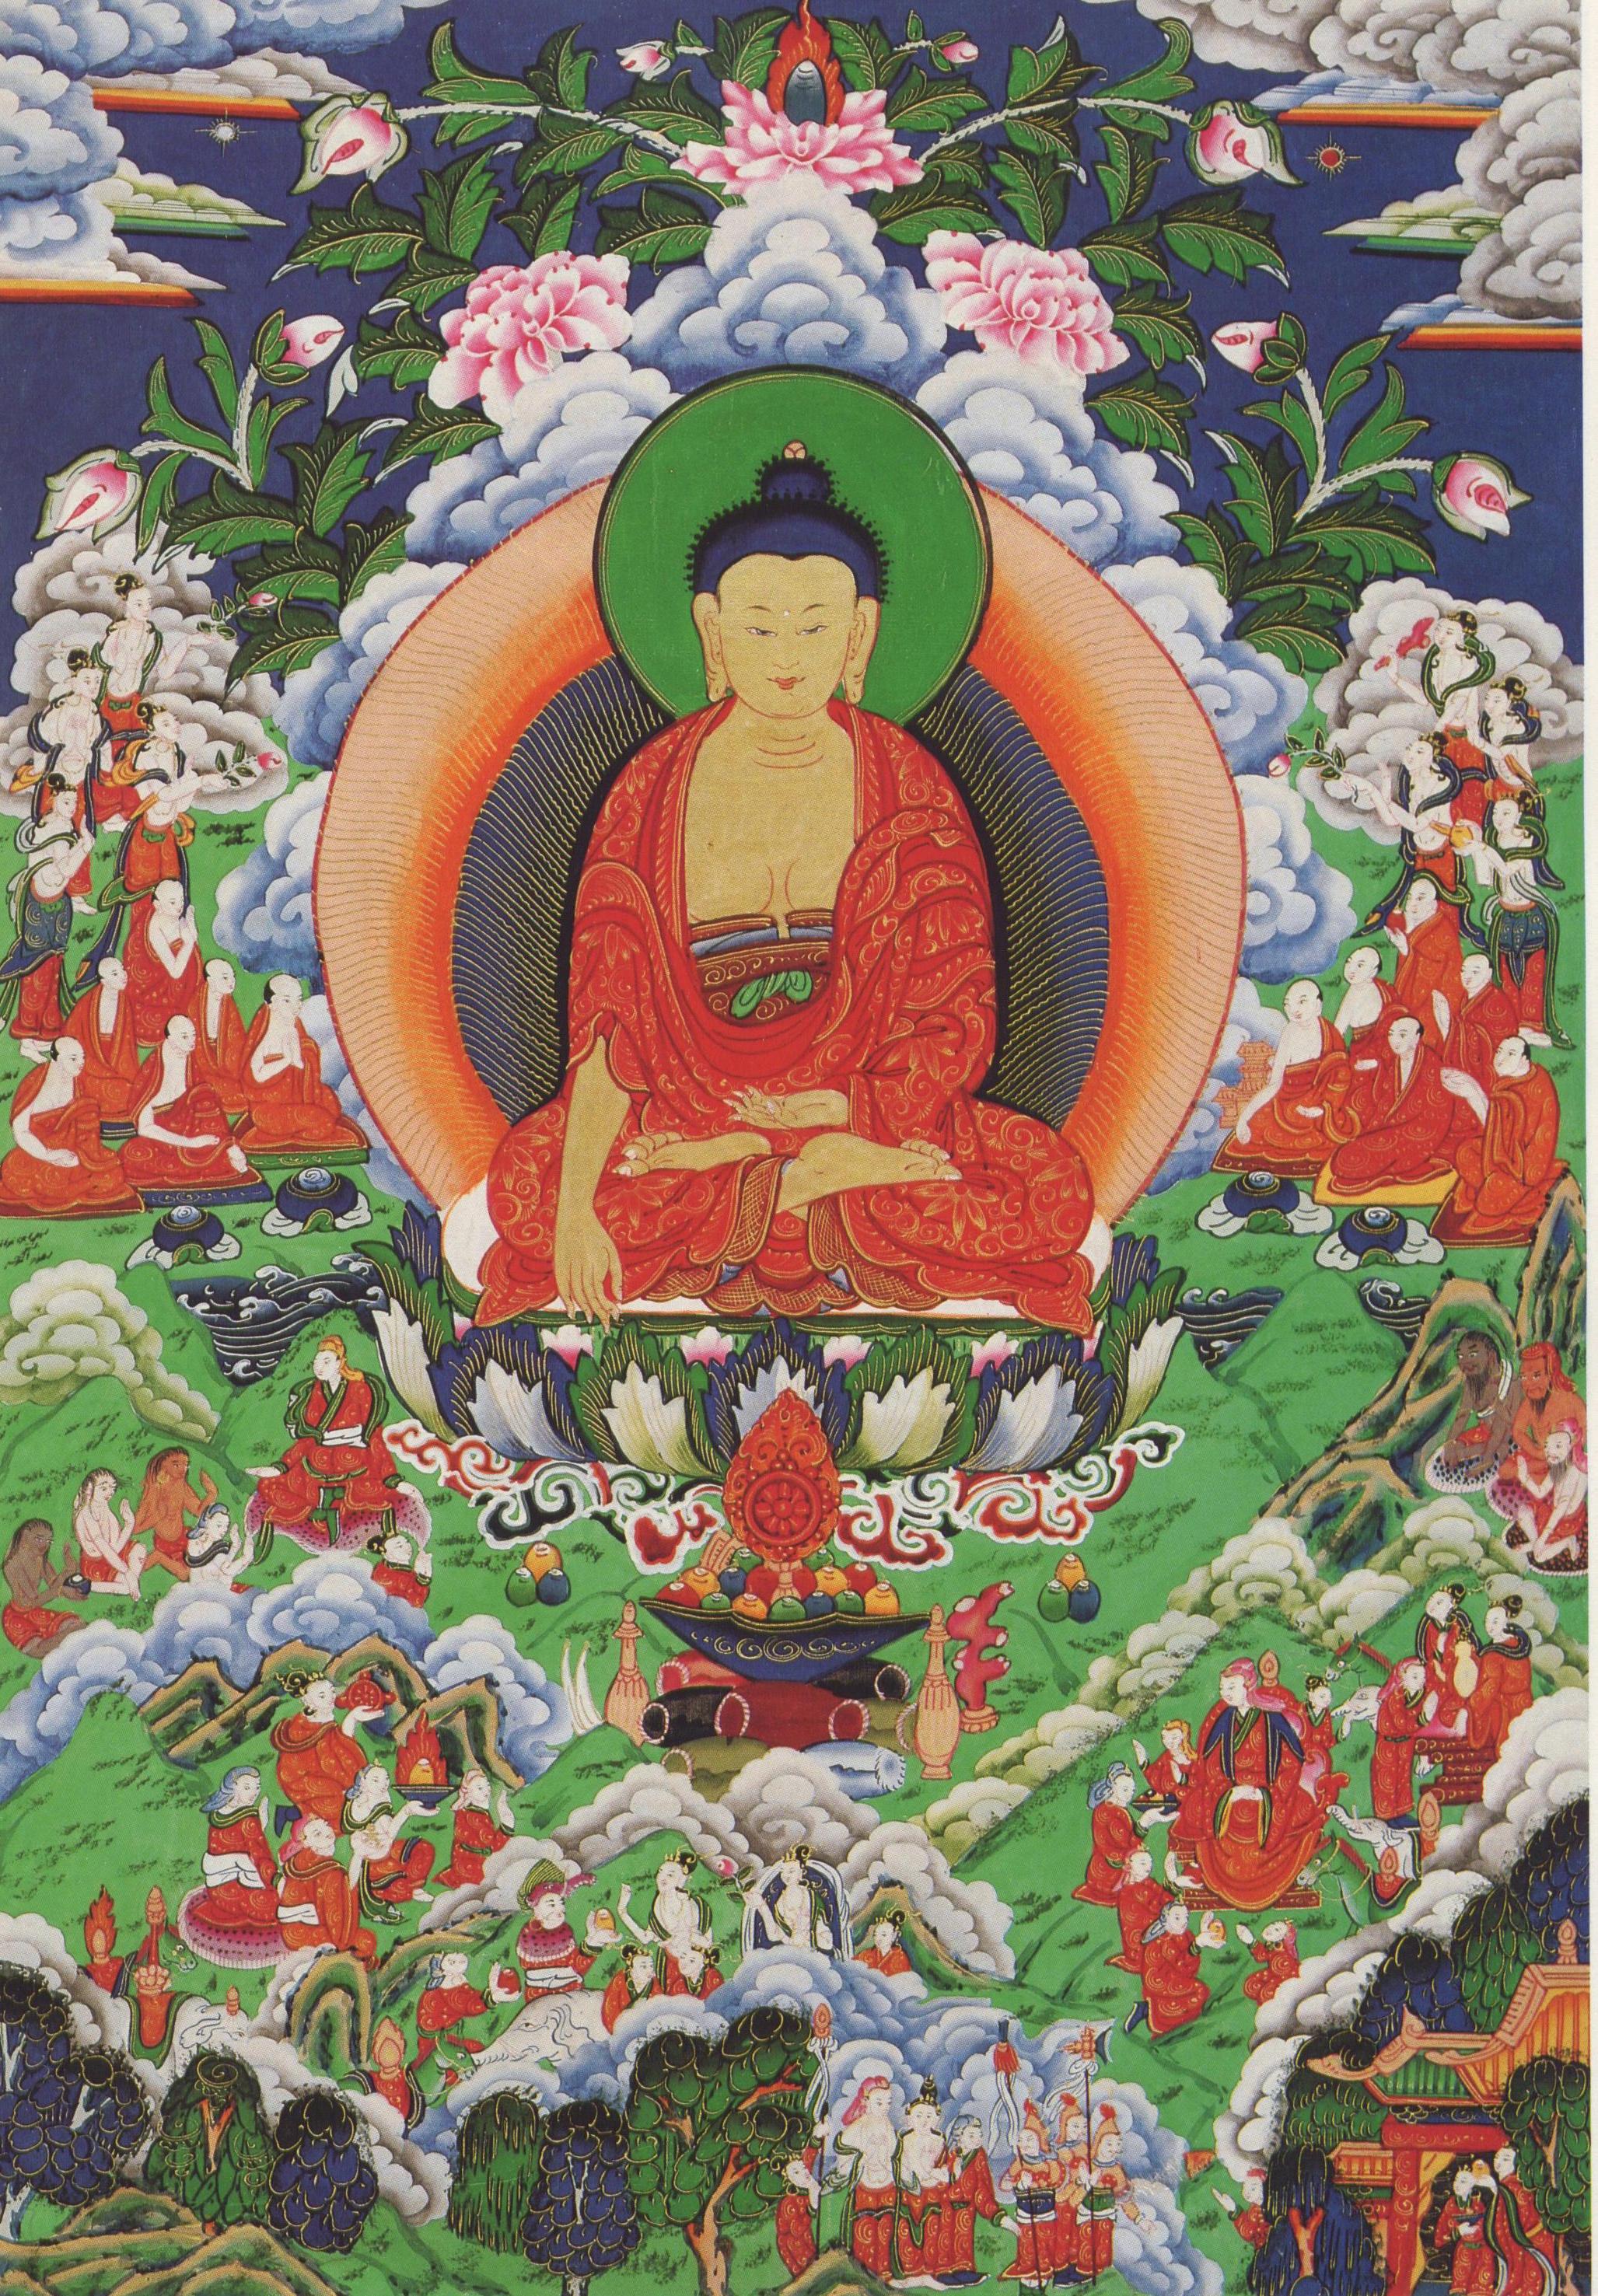 """Dhammapada 279: """"Tutta la realtà non ha esistenza inerente"""": chi comprende questo si sottrae alla sofferenza. Questa è la strada per la purificazione."""